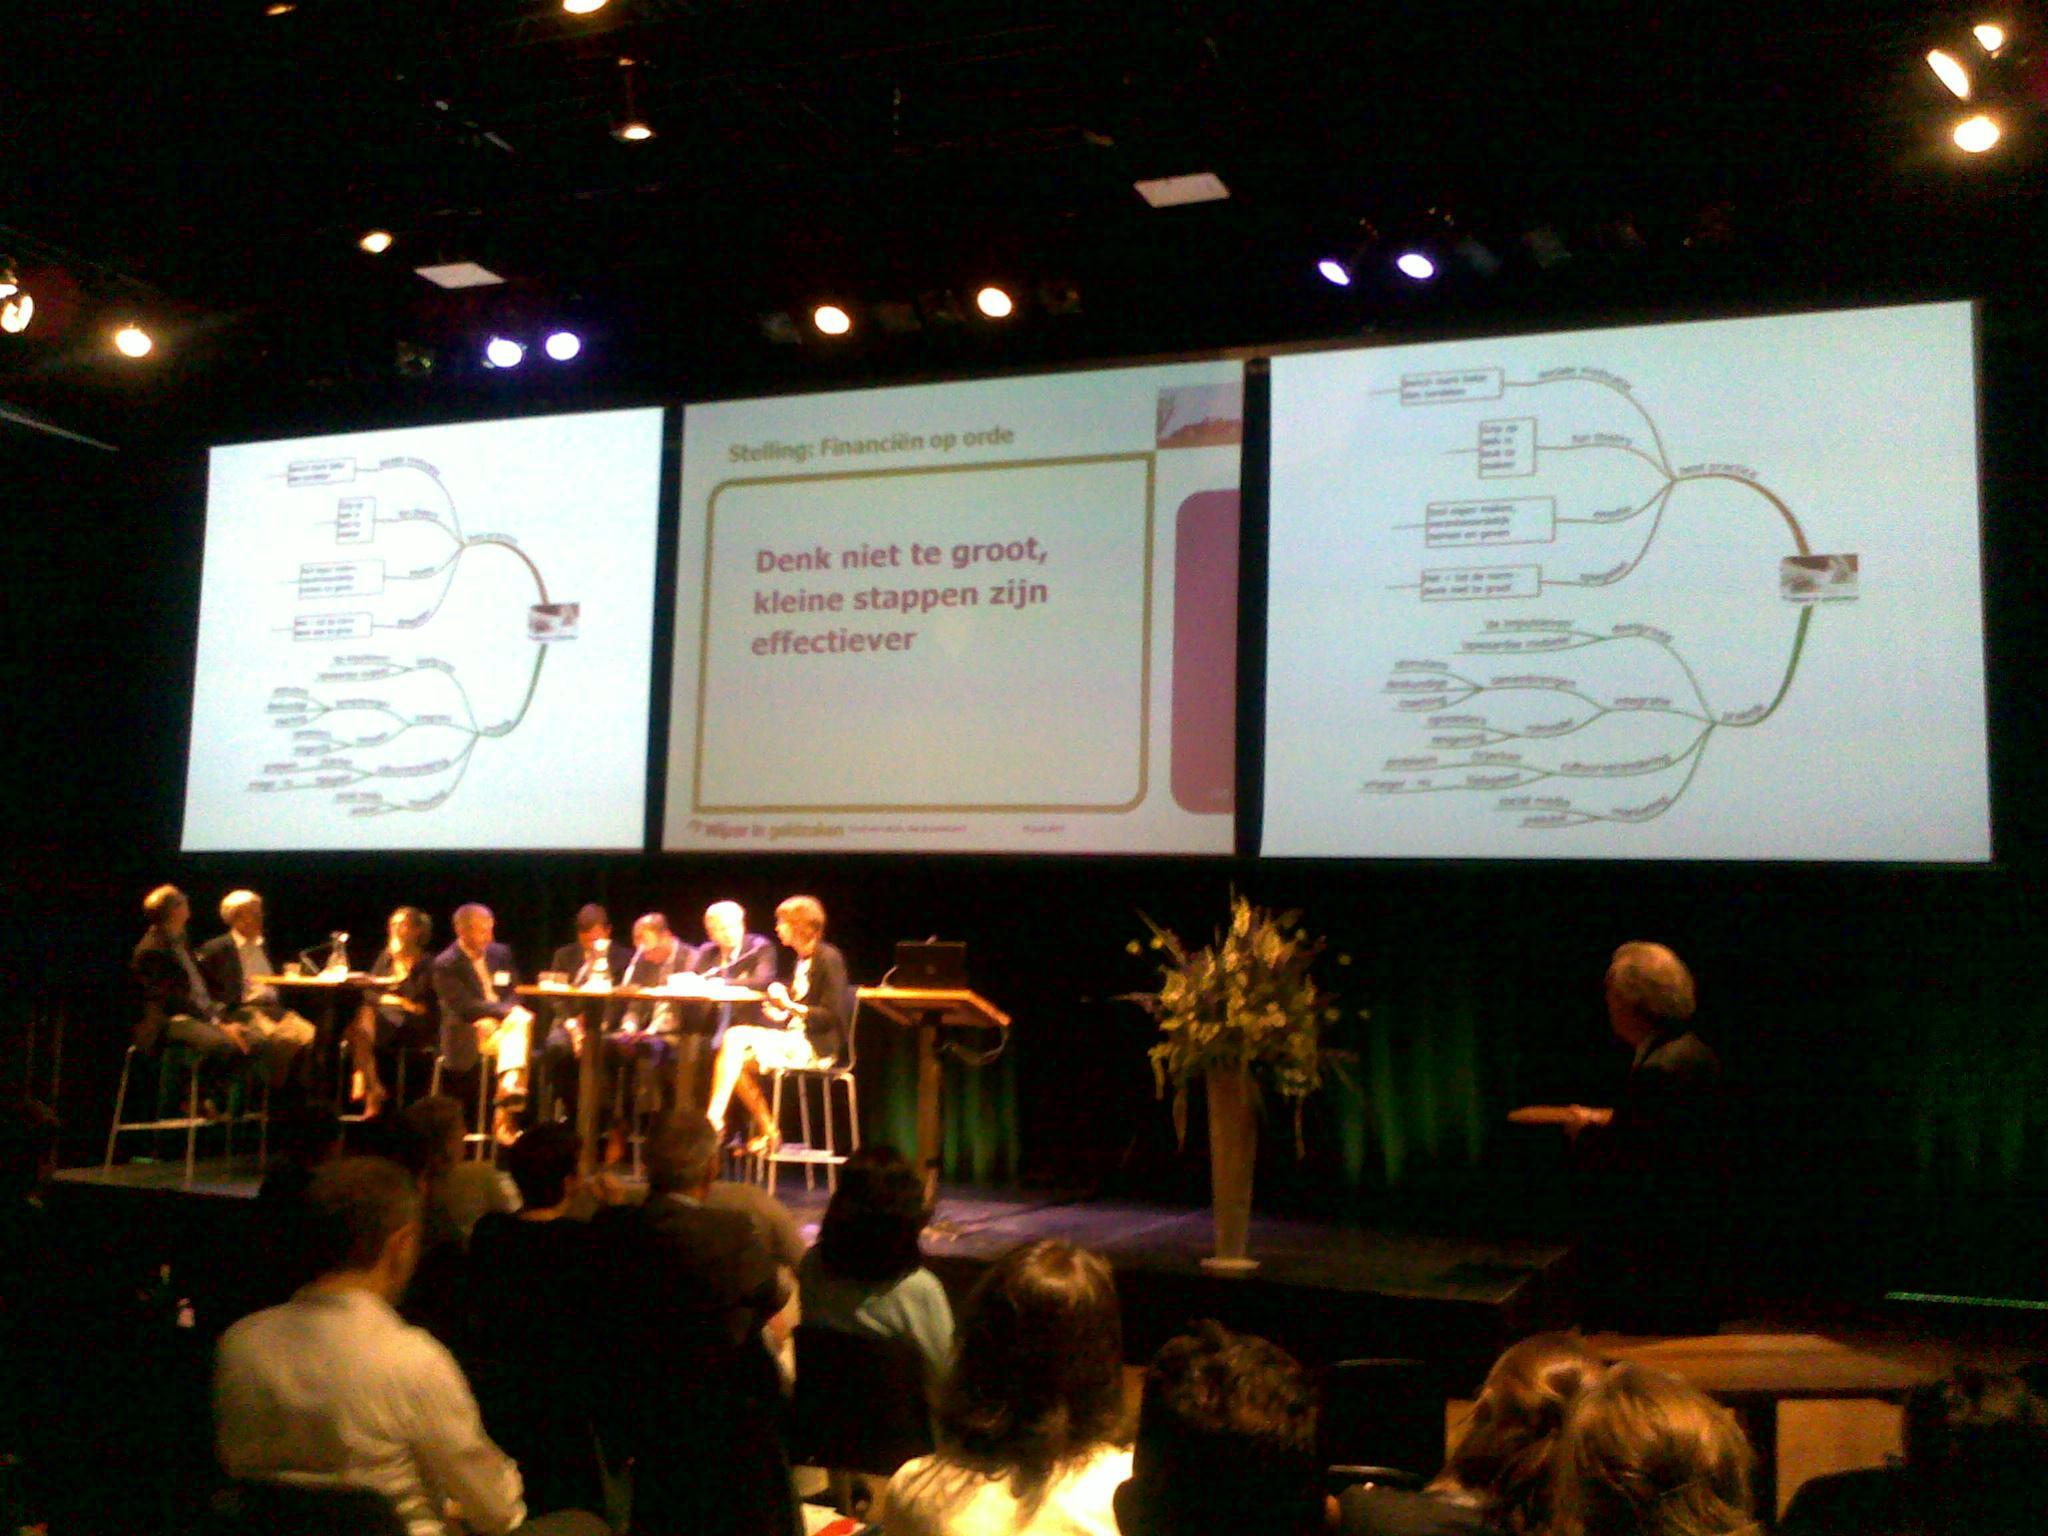 Notuleren tijdens een vergadering van de gemeente Amsterdam